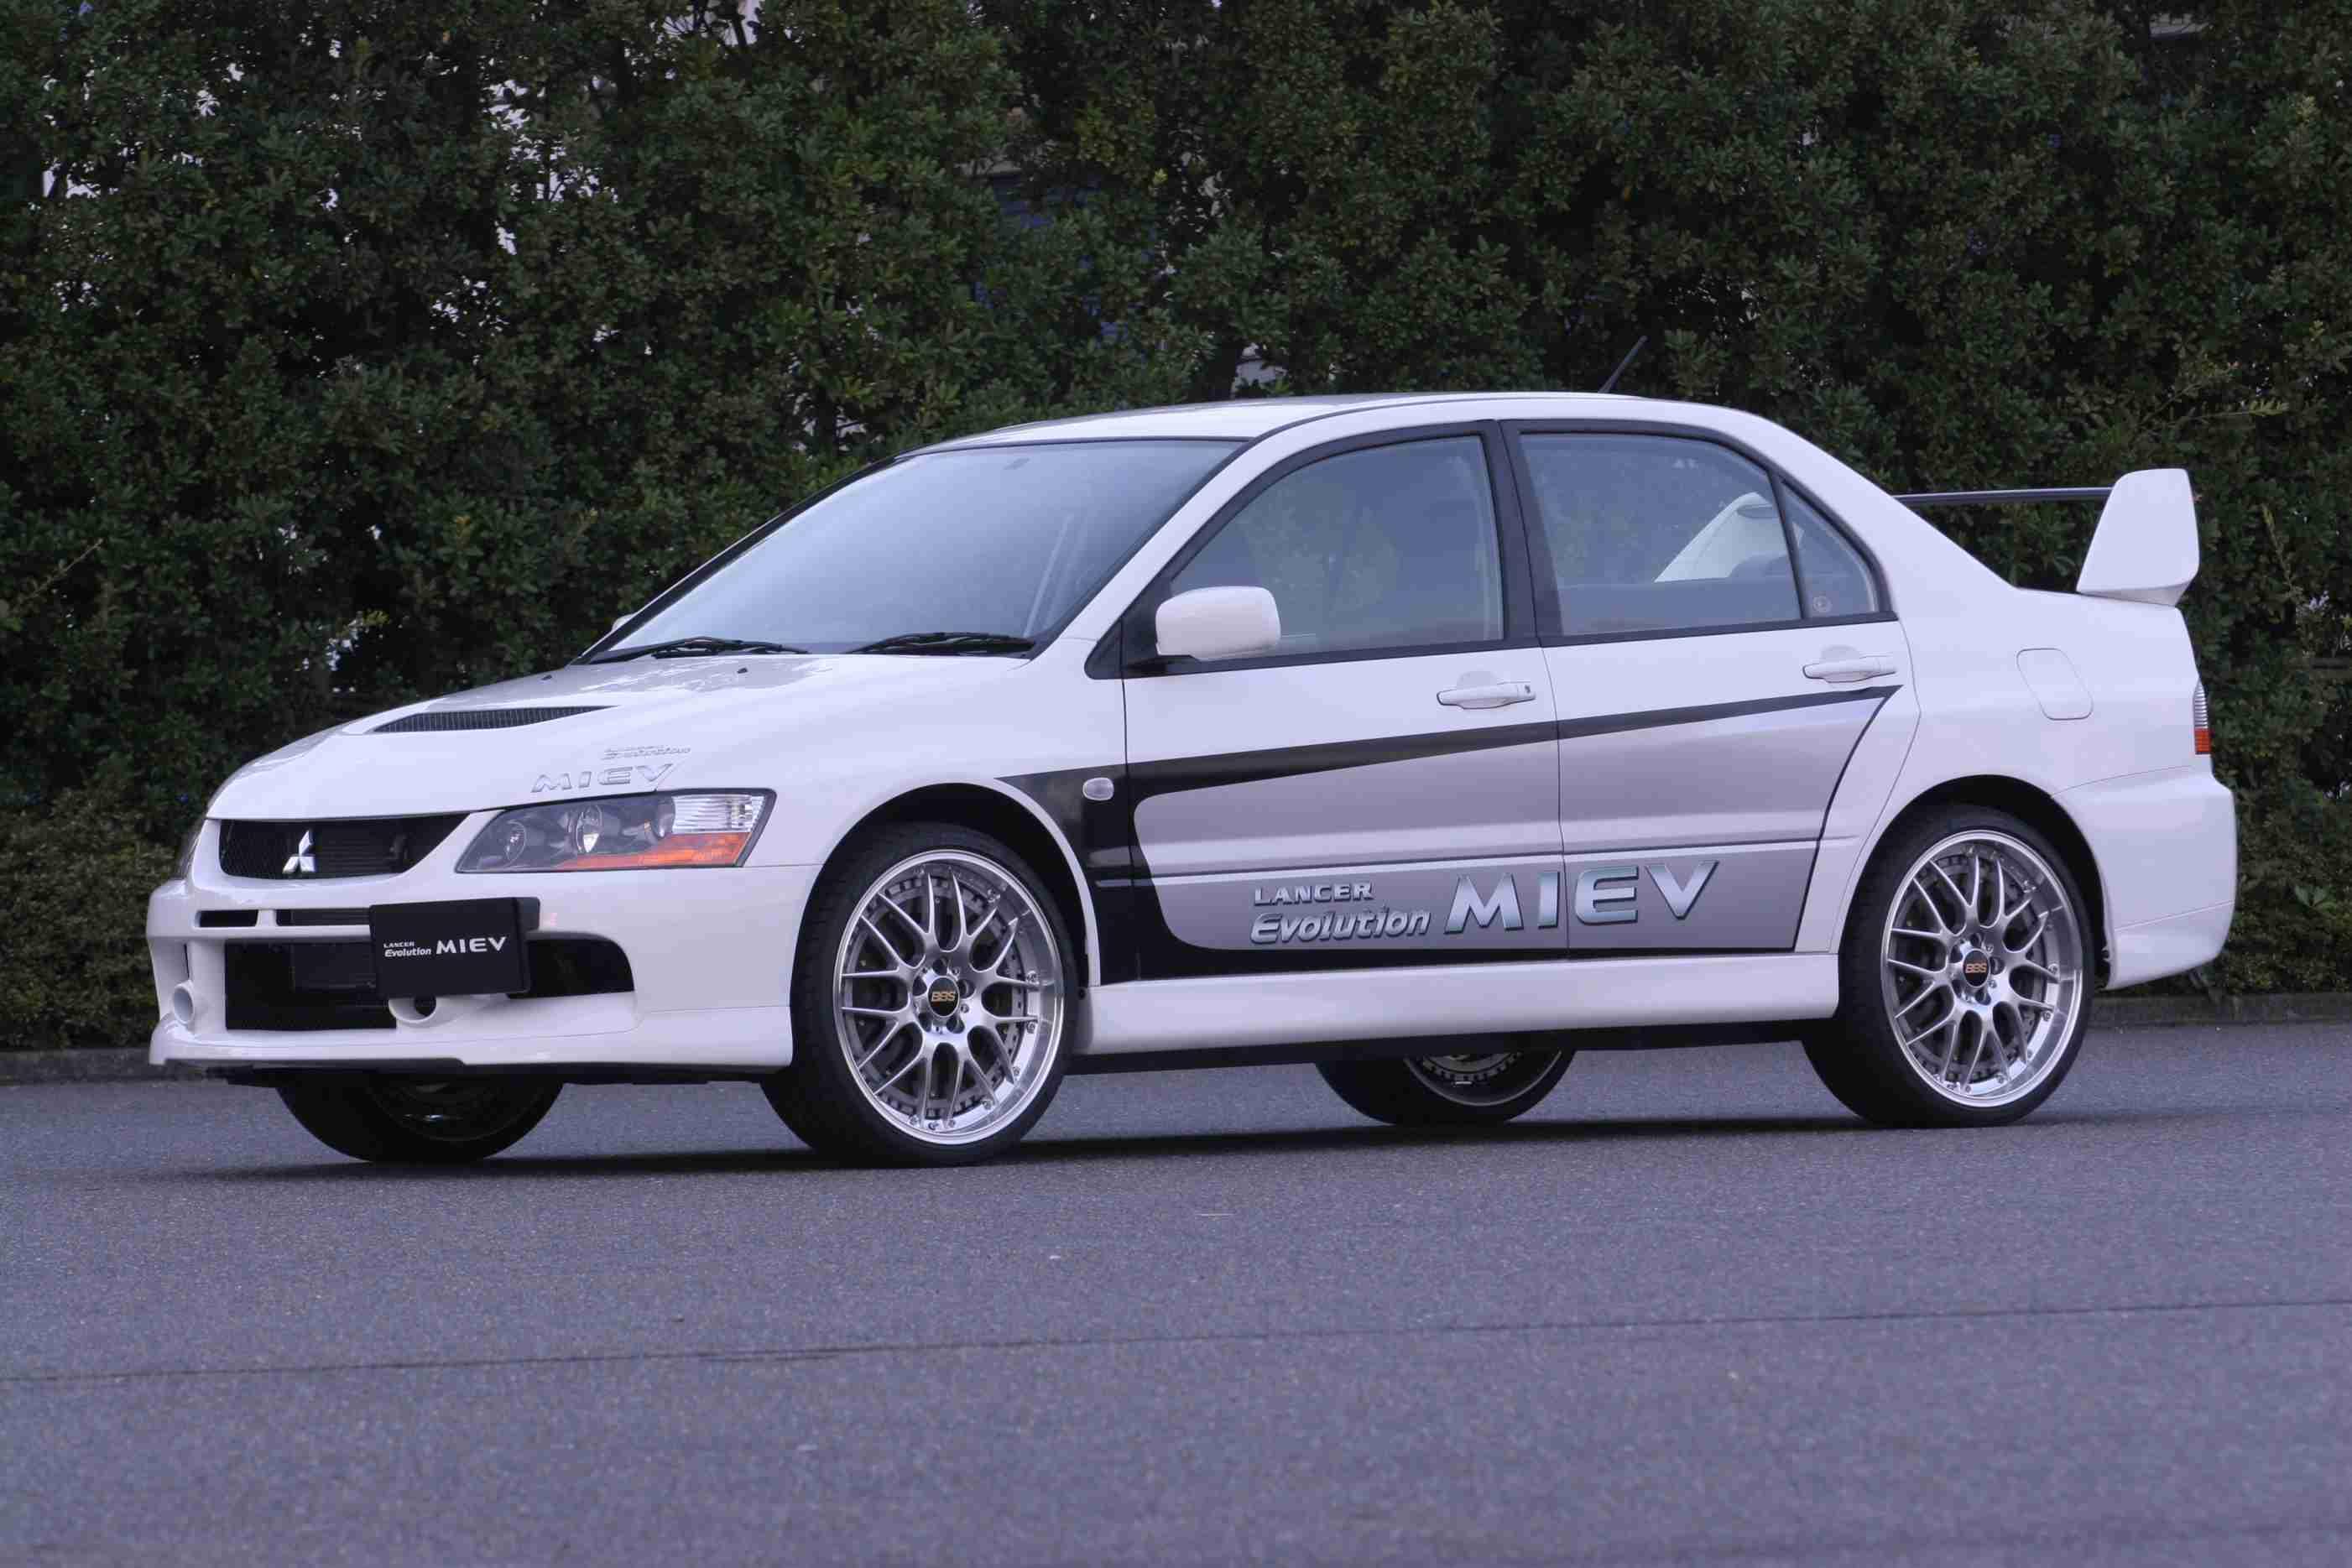 13-Lancer-Evolution-EV-MIEV